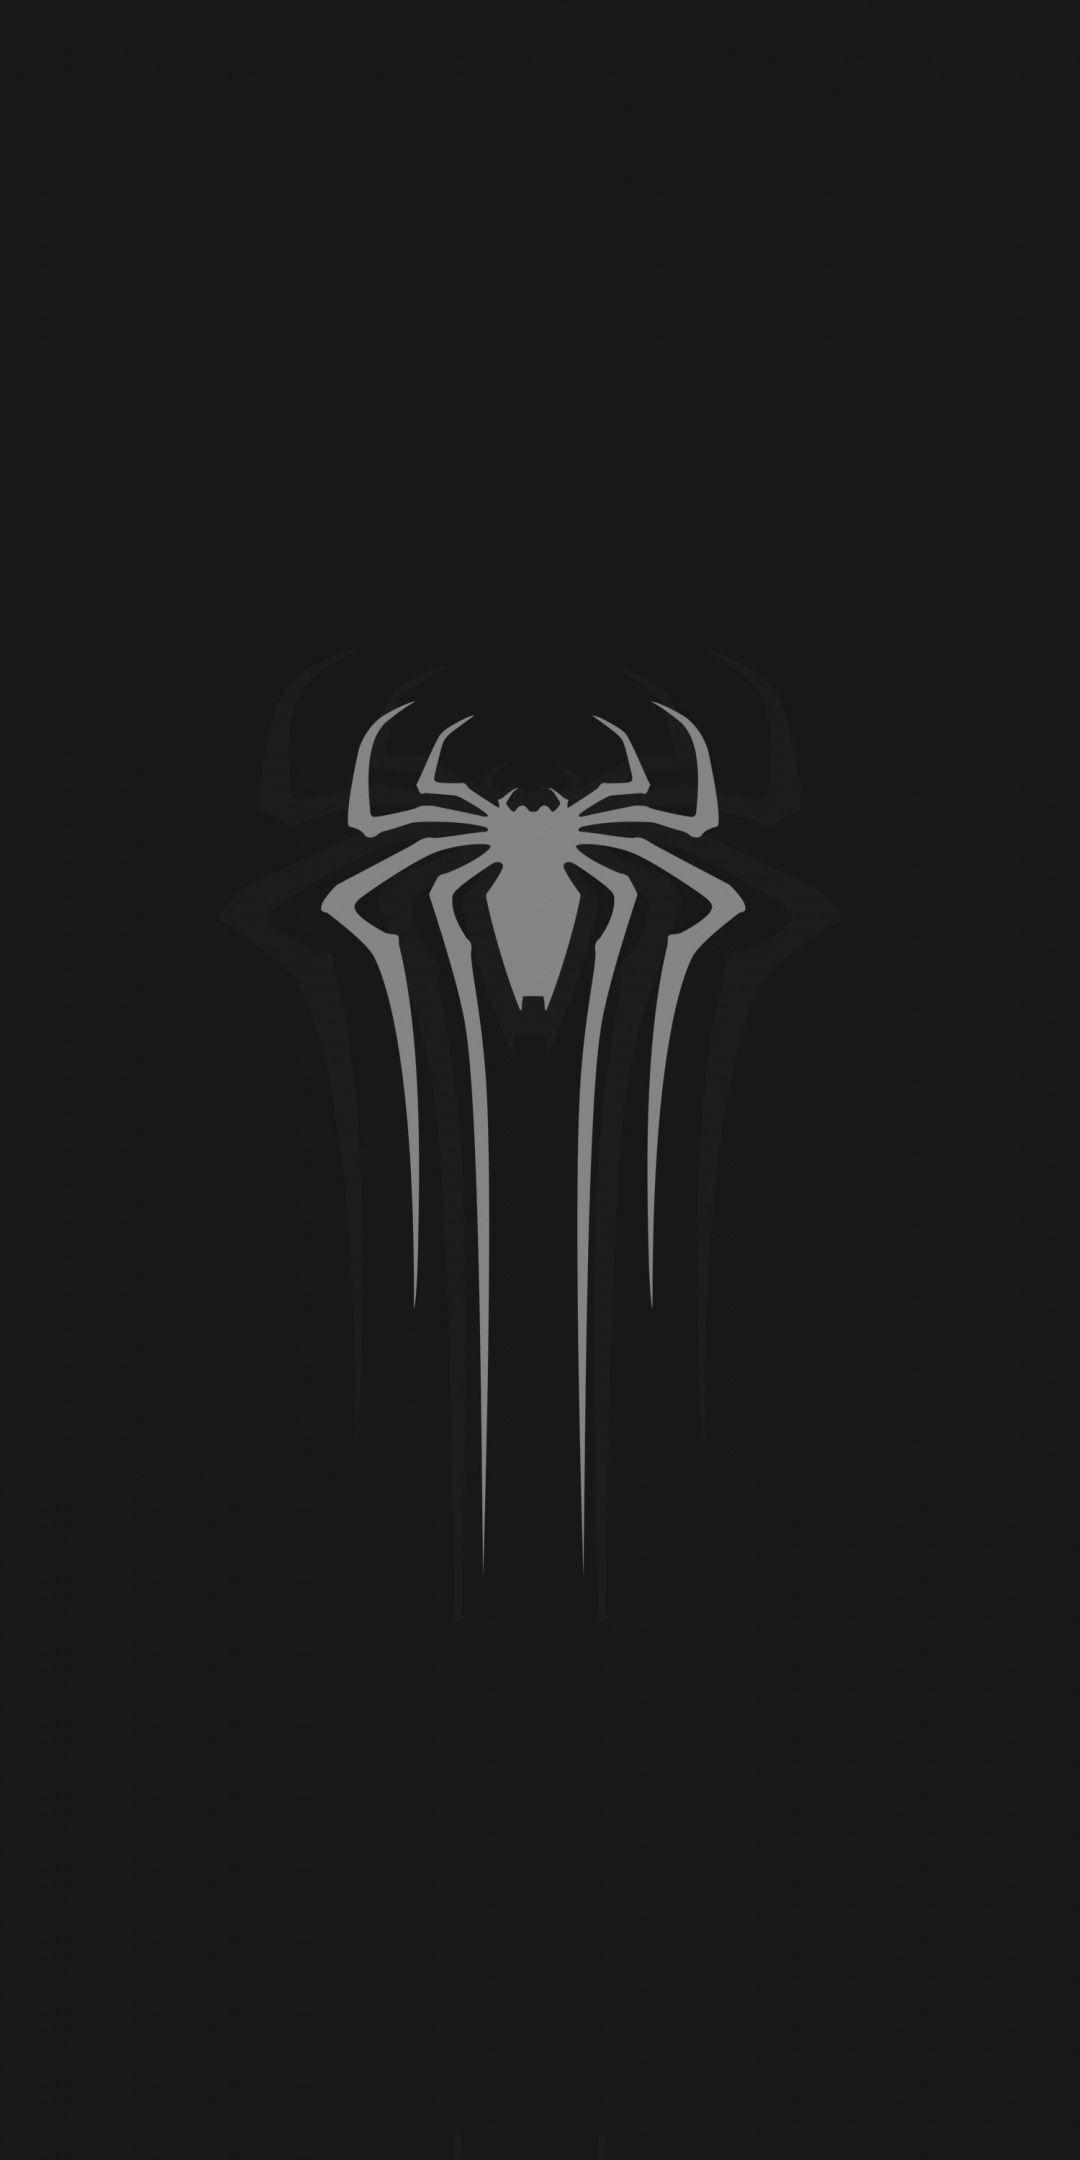 Logo Gray Spider Man Minimal Dark 1080x2160 Wallpaper